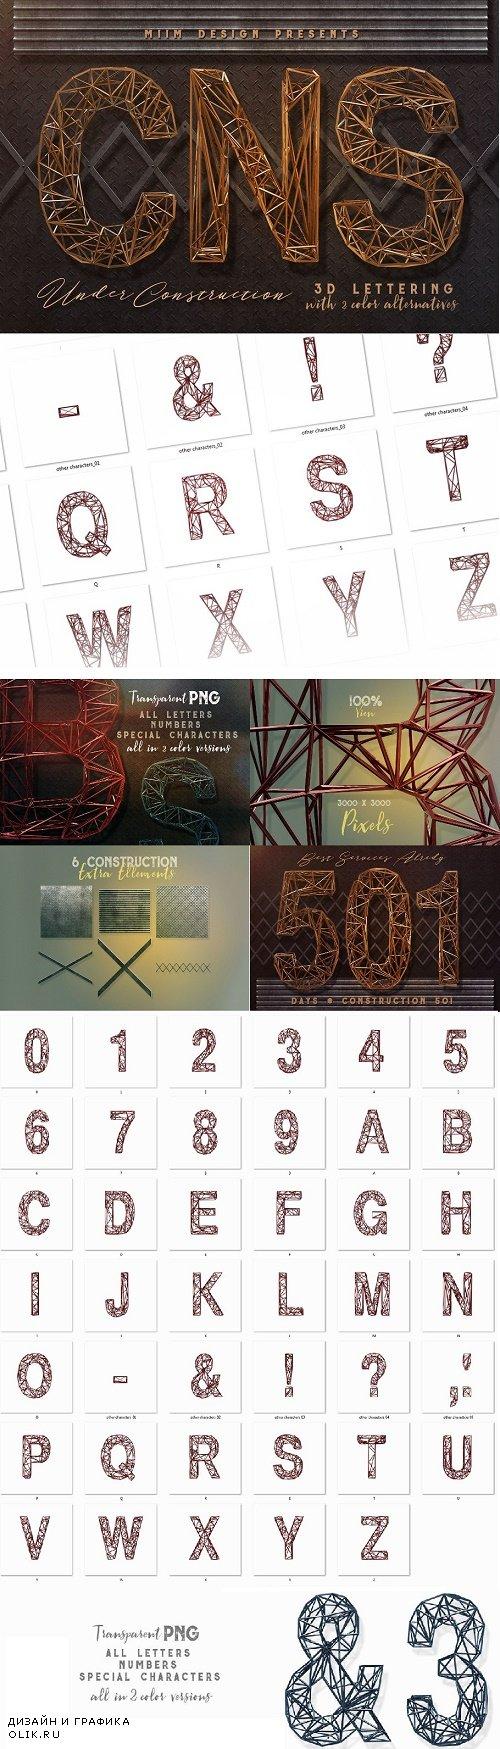 Under Construction – 3D Lettering - 3008307